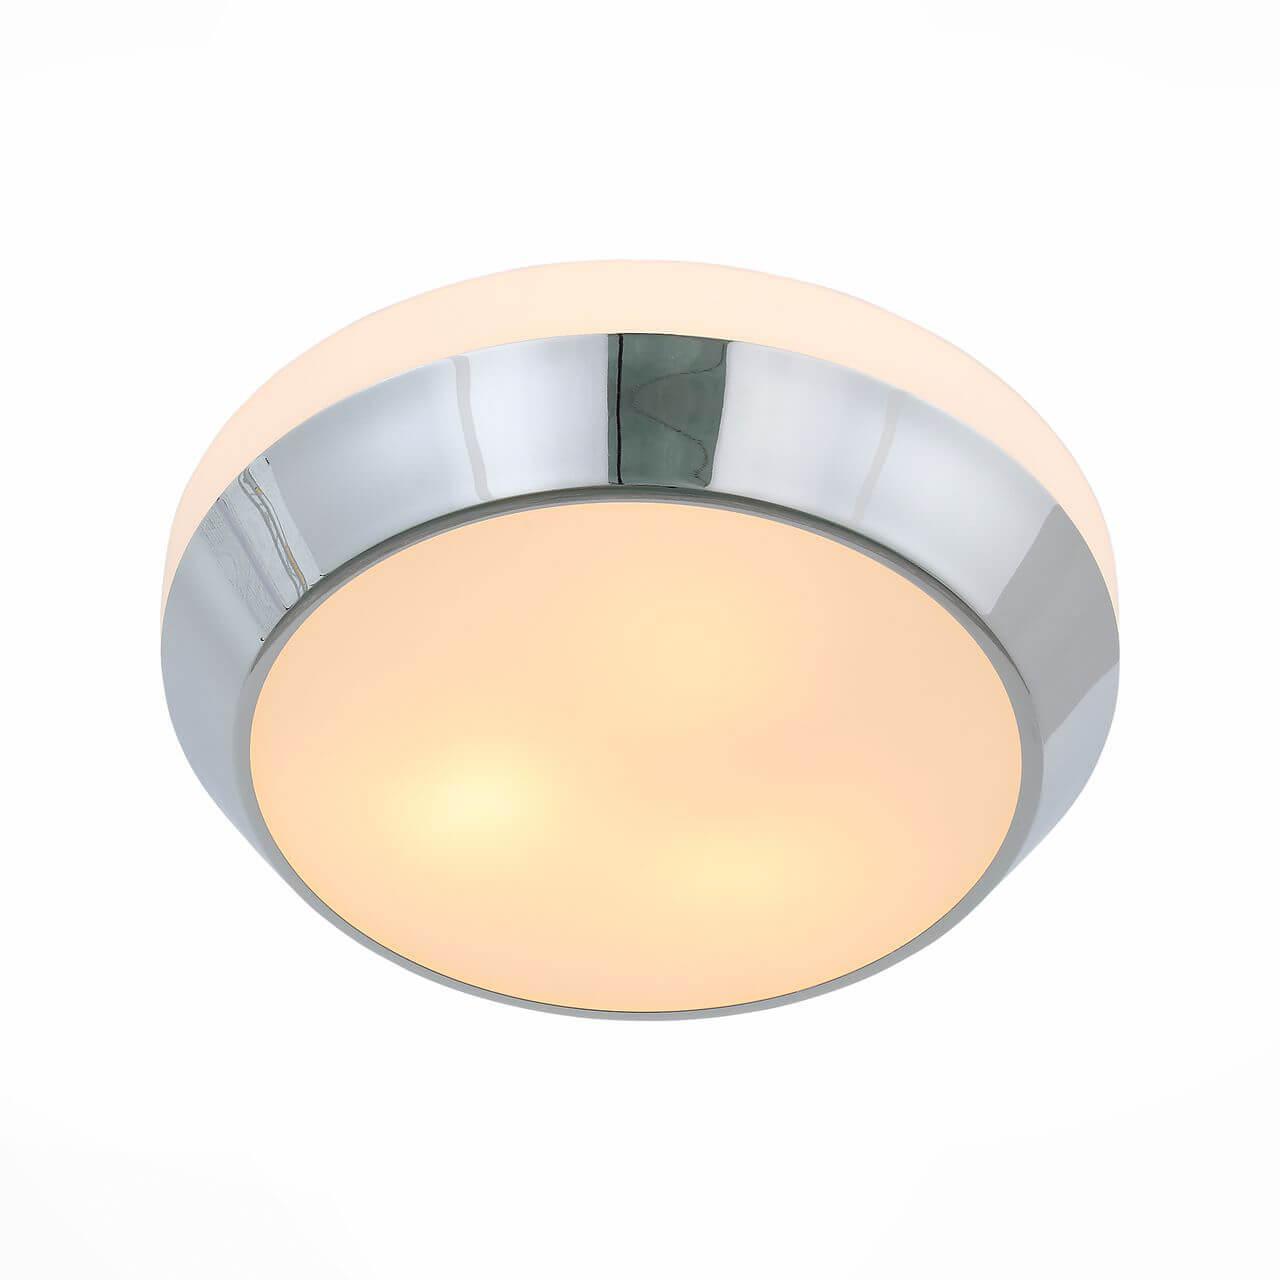 Потолочный светильник ST Luce Bagno SL469.502.01 st luce потолочный светильник st luce bagno sl496 502 03